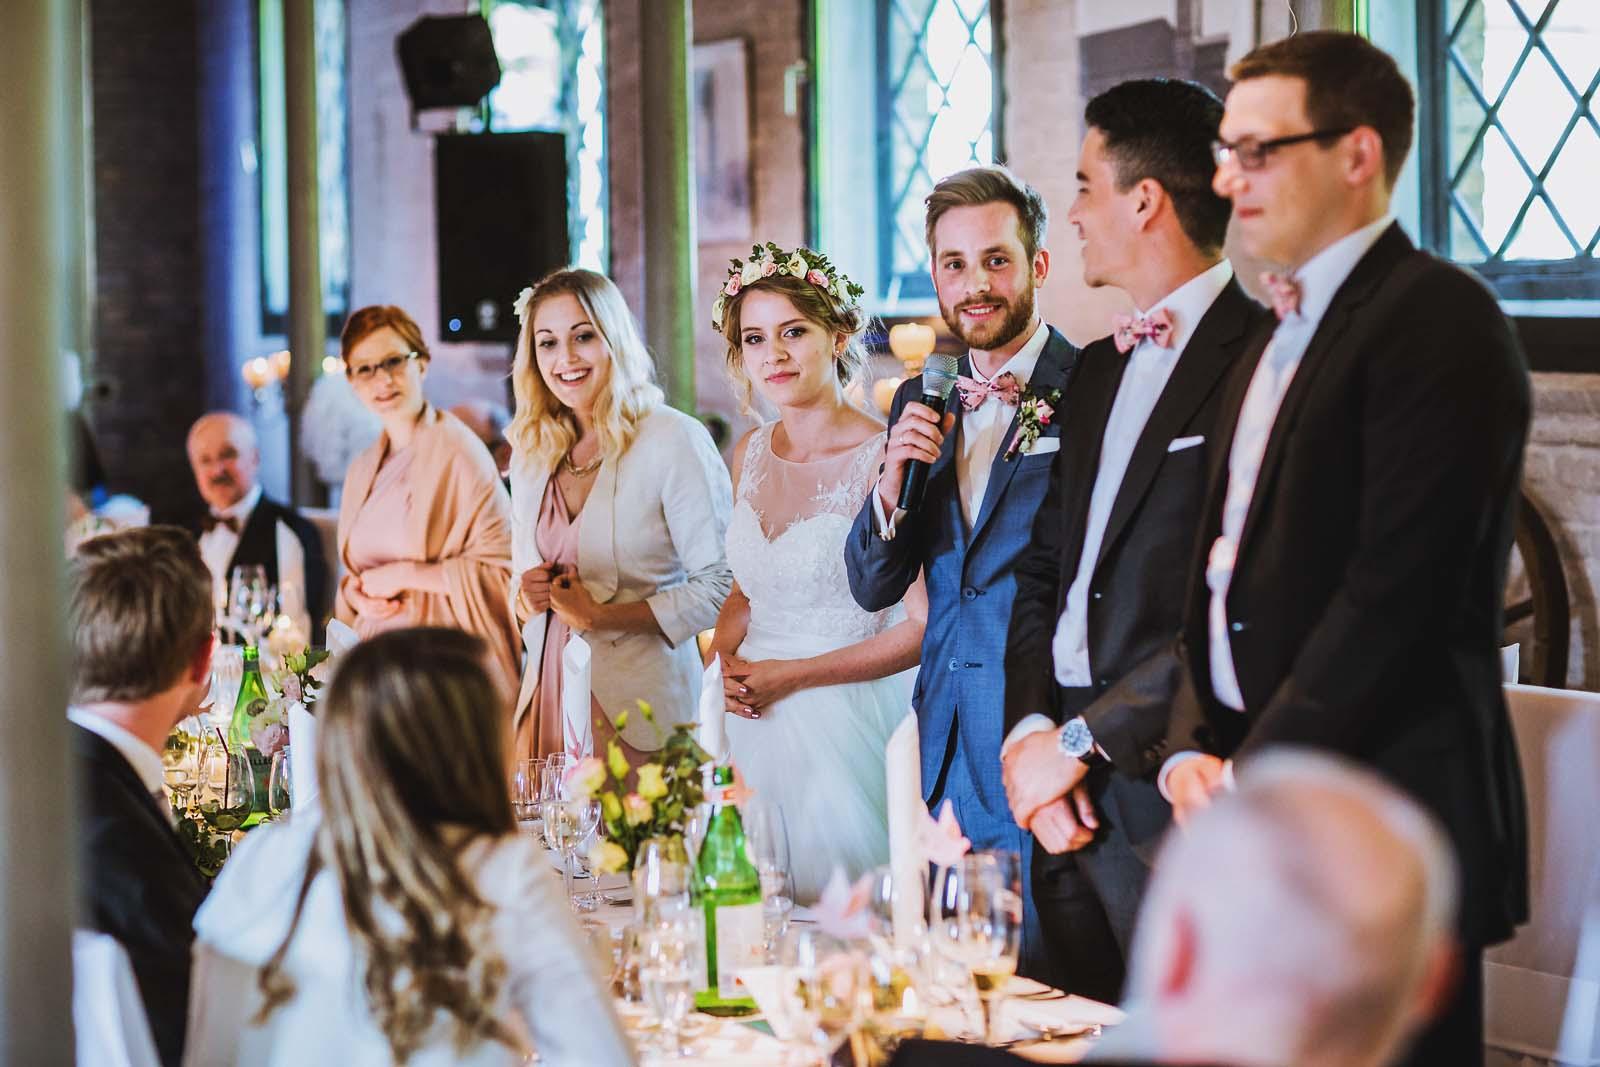 Hochzeitsfotograf Berlin Rede vom Brautpaar im Schloss Britz Copyright by Hochzeitsfotograf www.berliner-hochzeitsfotografie.de